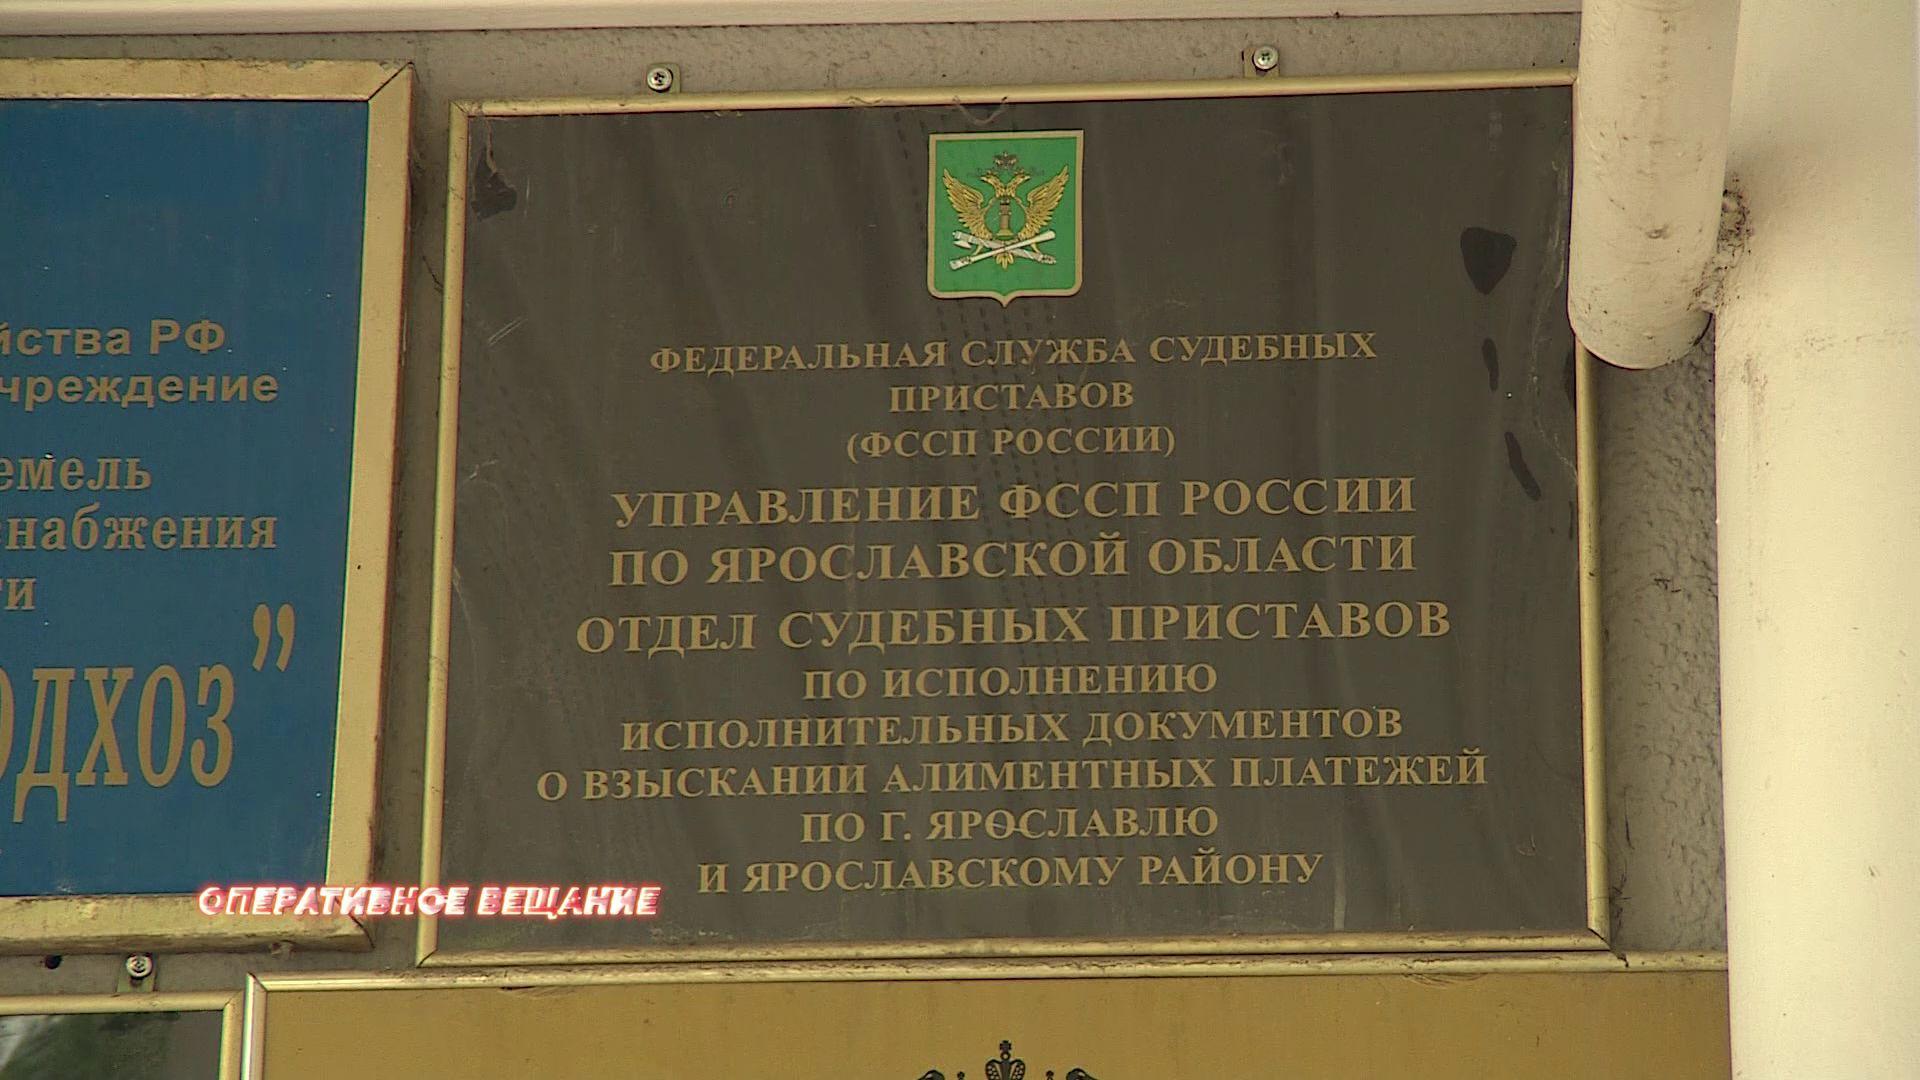 Ярославца арестовали в день рождения из-за алиментов